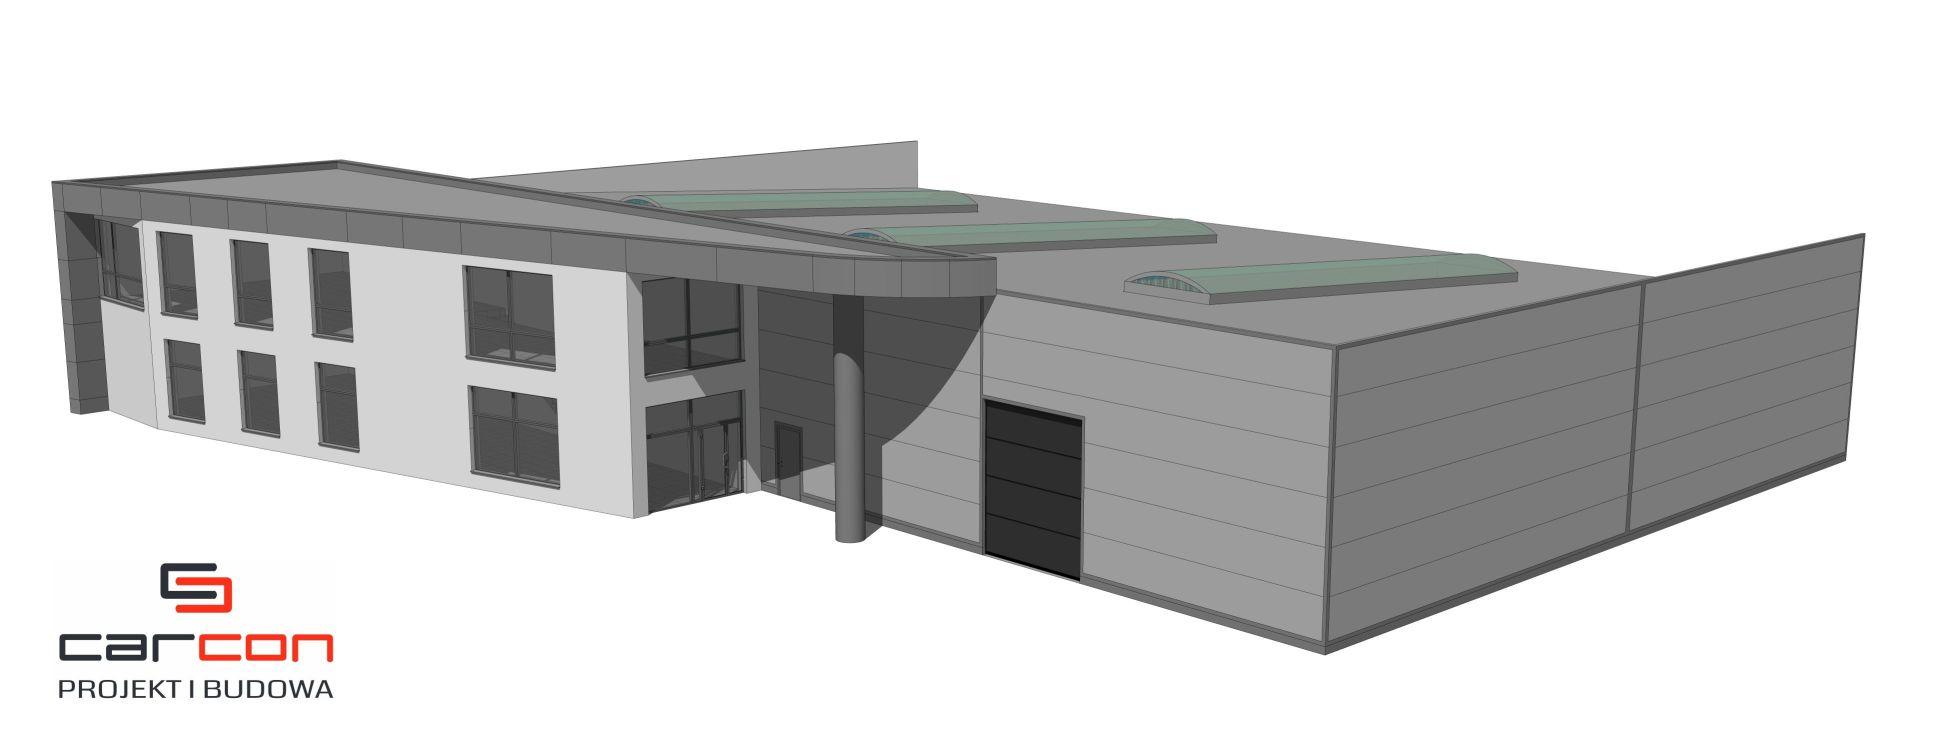 Projekt i budowa hala stalowa z biurowcem